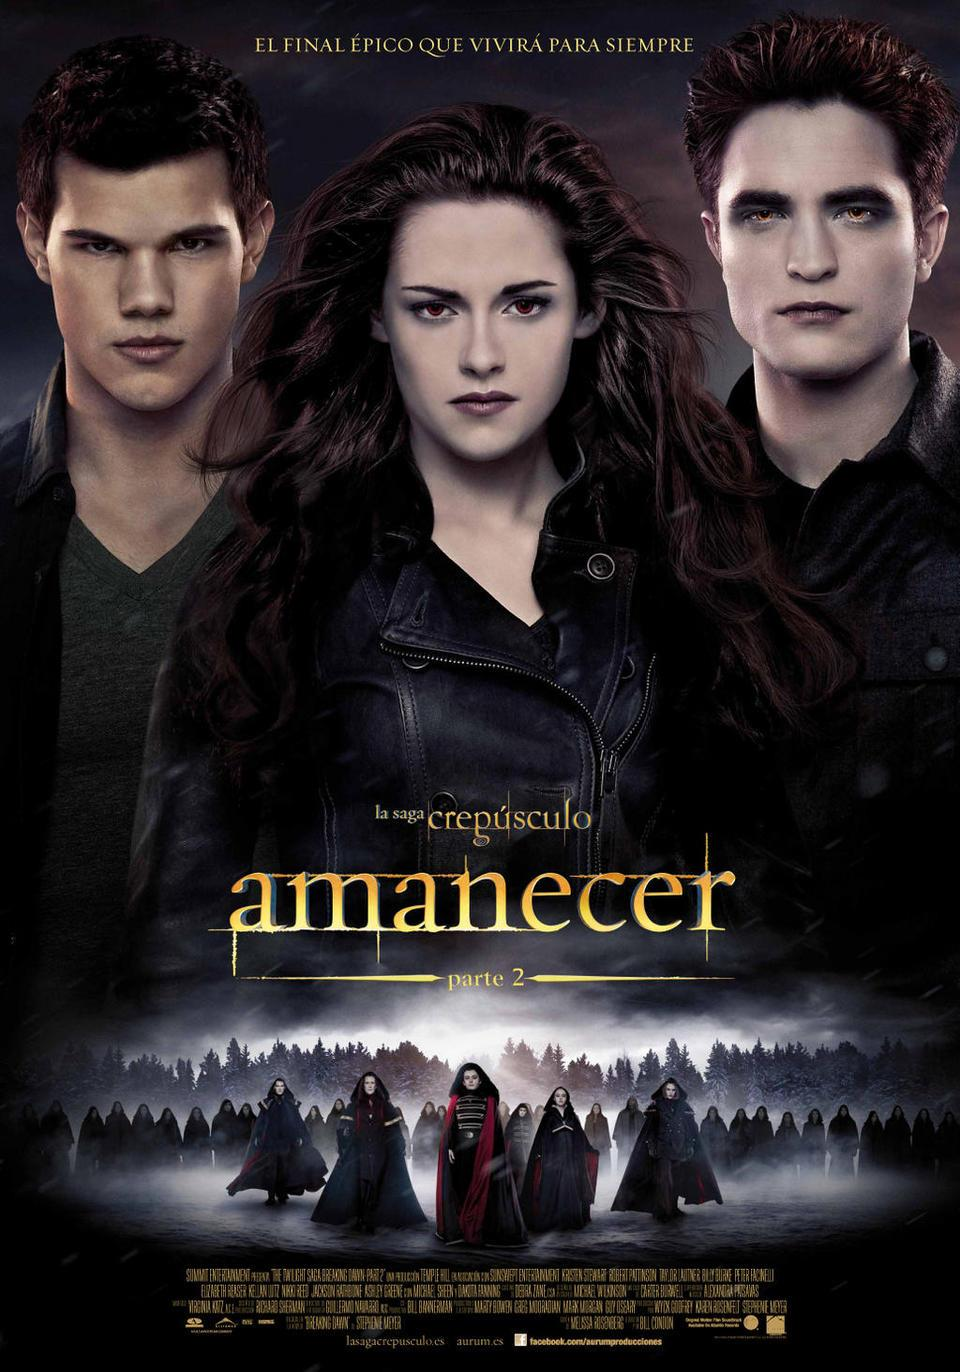 Crepúsculo la saga: Amanecer - Parte 2